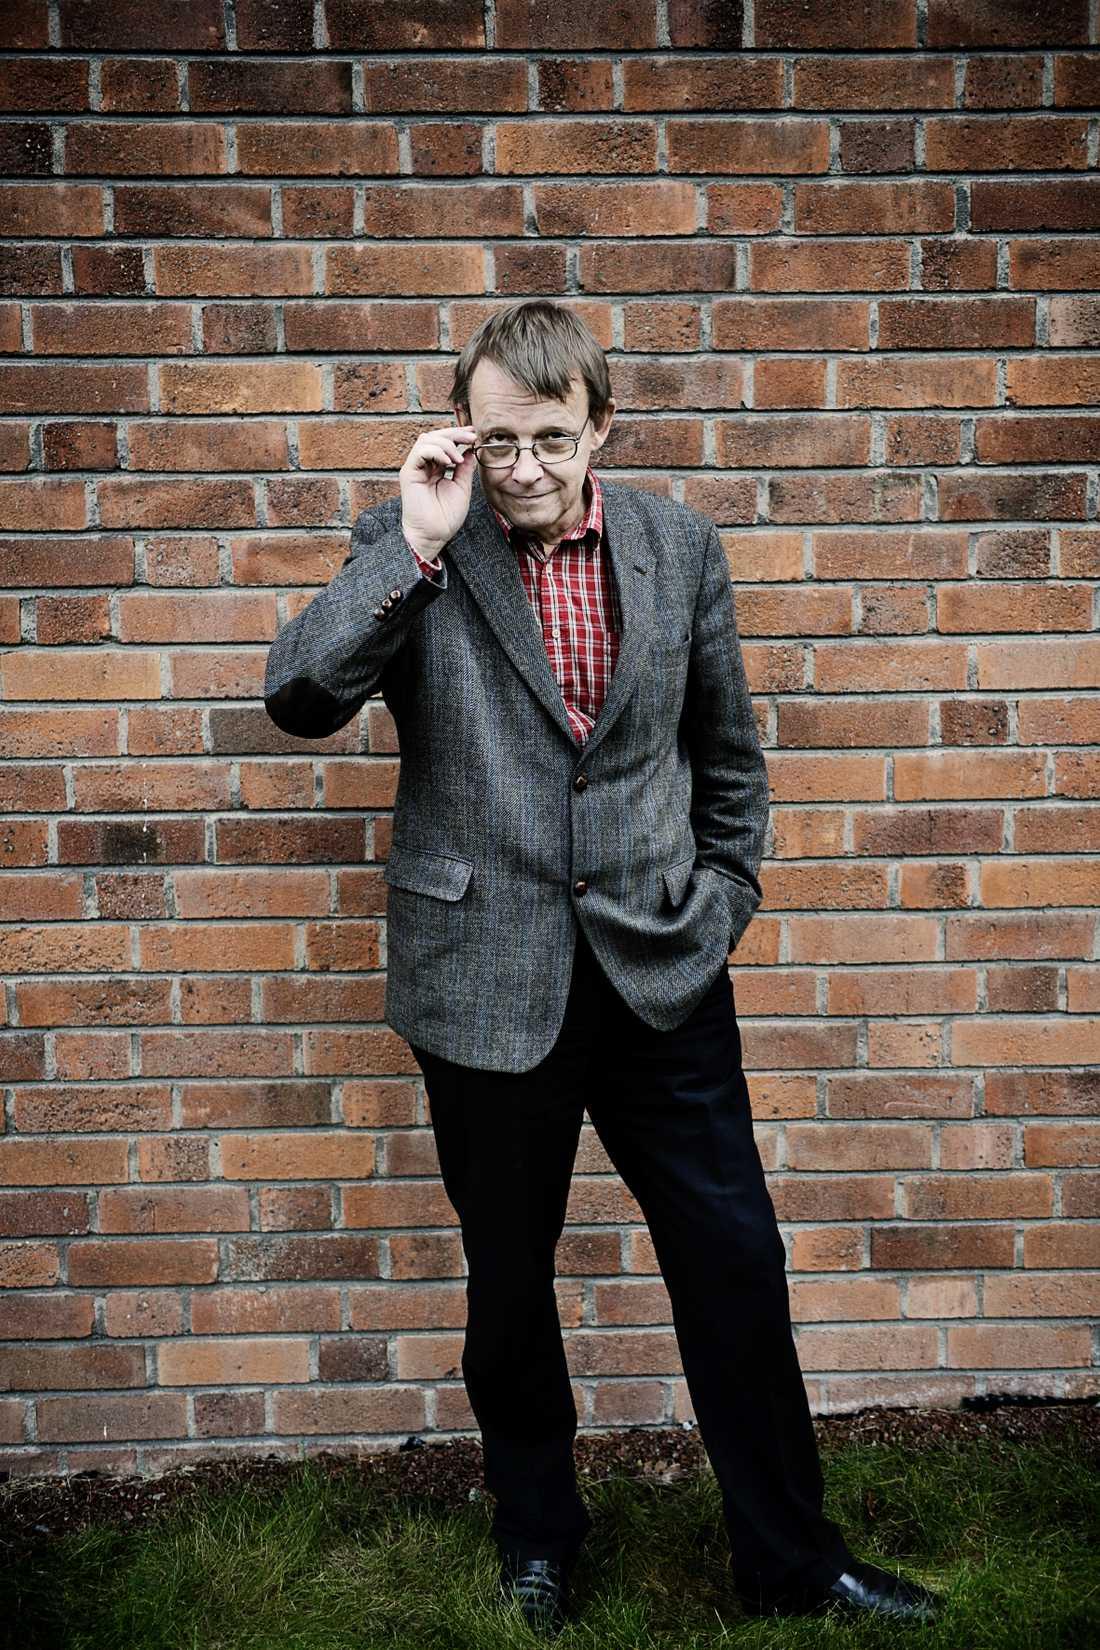 Ett porträtt från 2009 då Aftonbladet träffade Rosling.